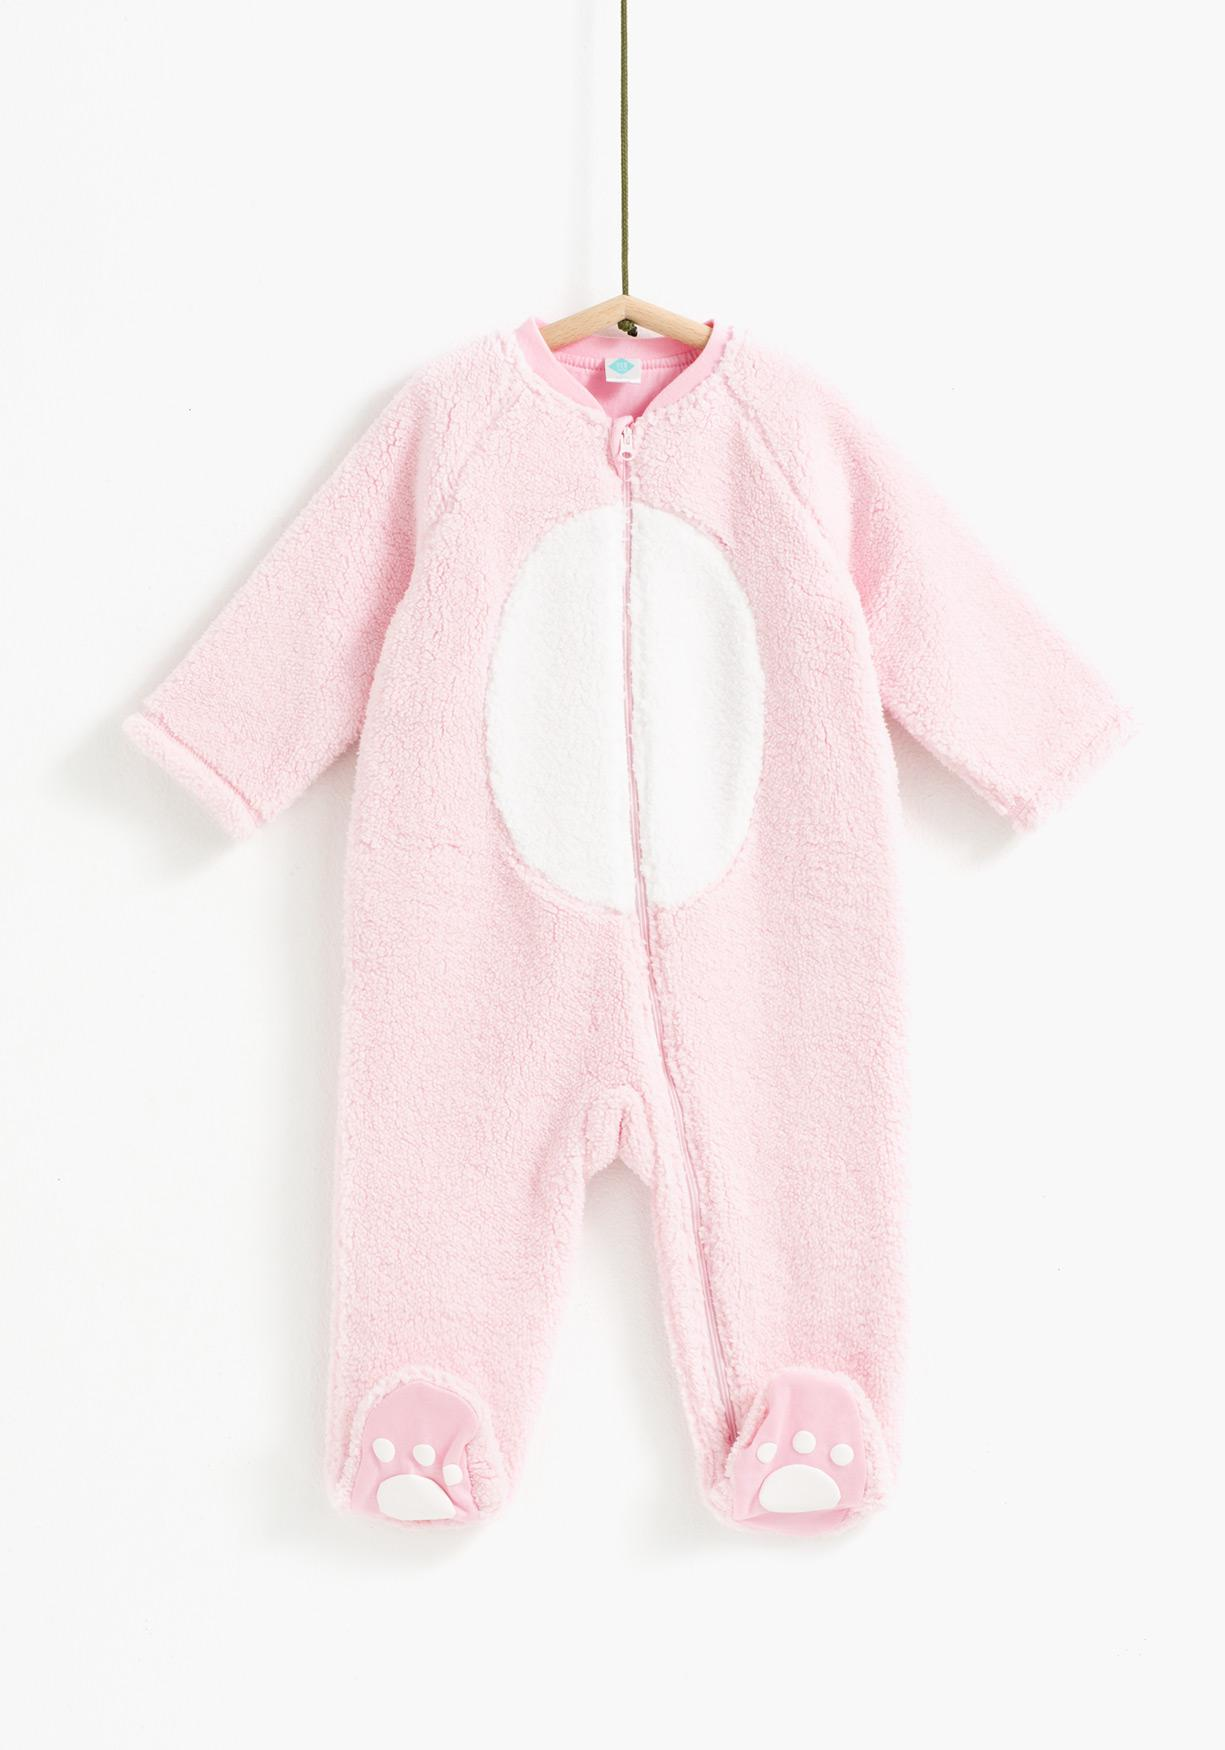 b85c82a14 Comprar Pijama Manta Unisex Tex Aprovéchate De Nuestros Precios